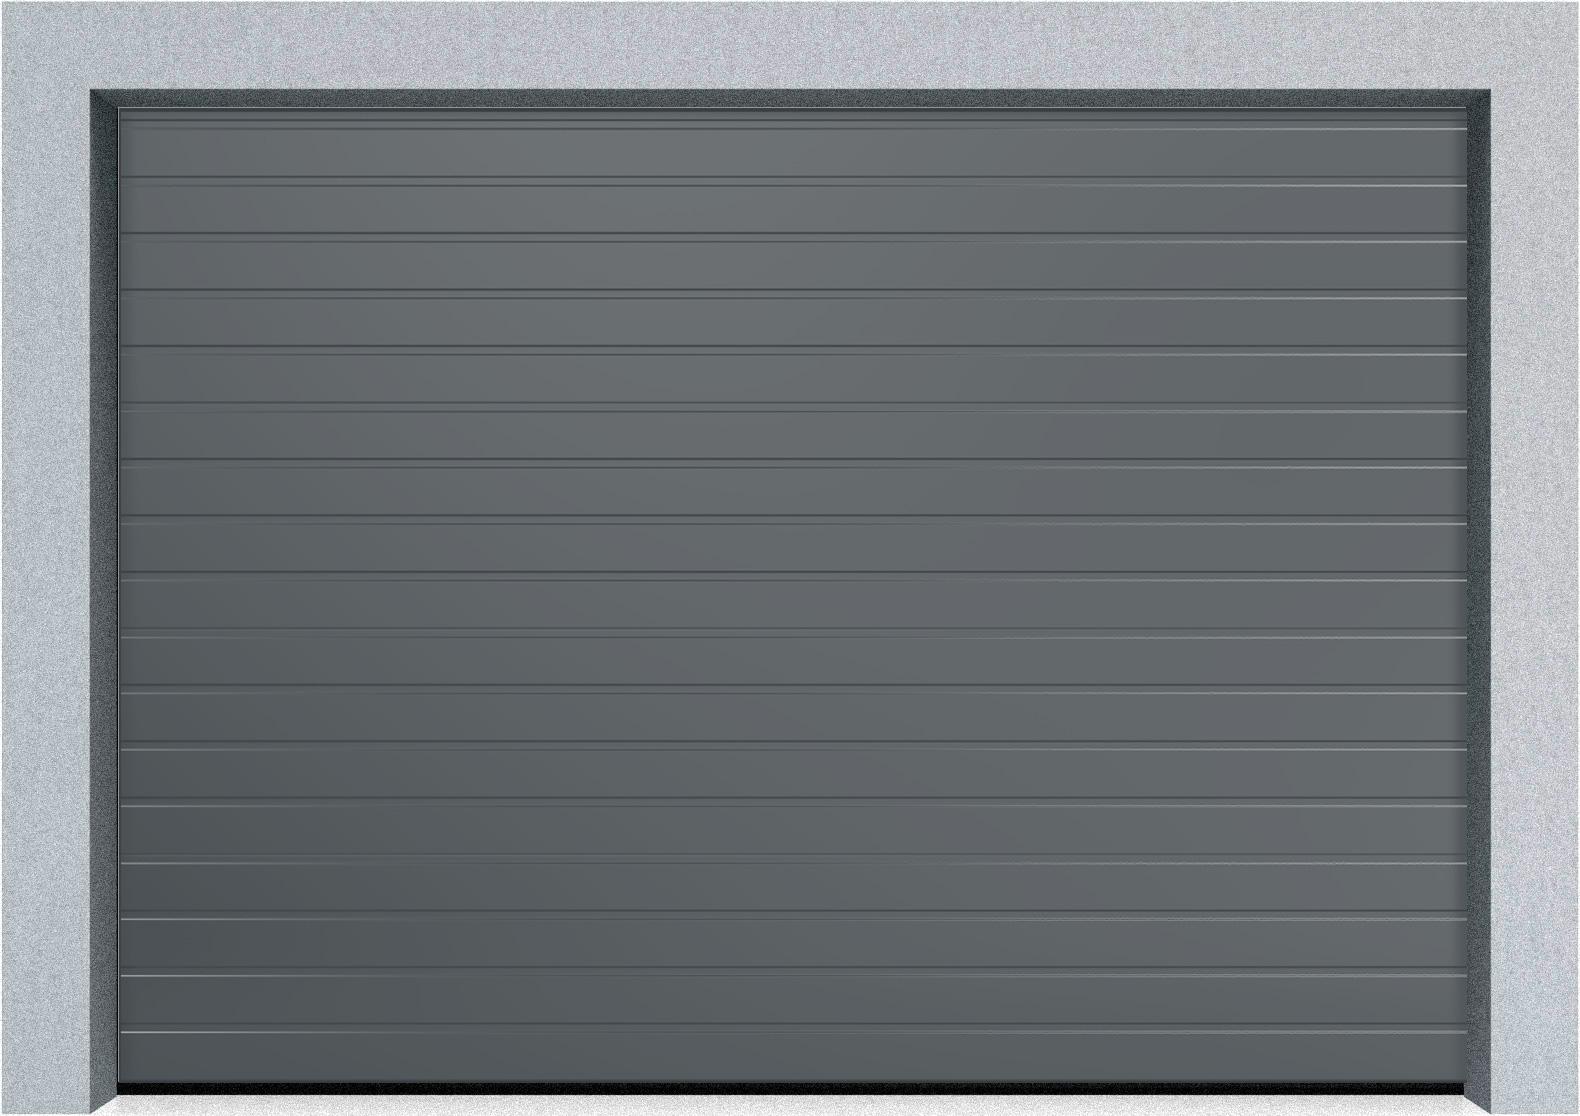 Секционные промышленные ворота Alutech ProTrend 2375х2375 S-гофр, Микроволна стандартные цвета, фото 9